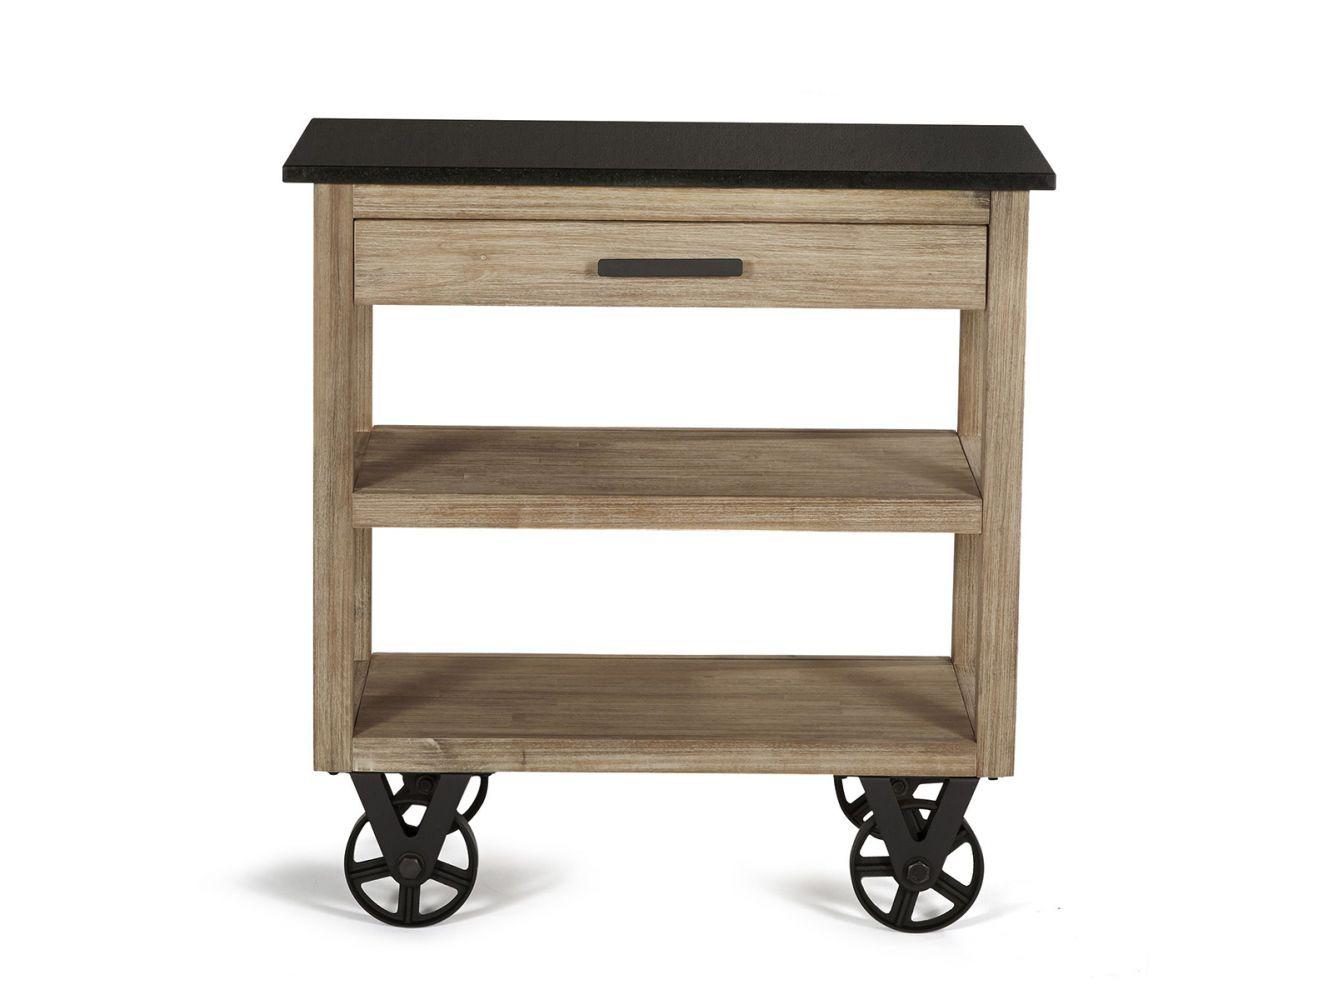 desserte de cuisine sur roulettes design usine et bois massif meuble et d coration marseille. Black Bedroom Furniture Sets. Home Design Ideas